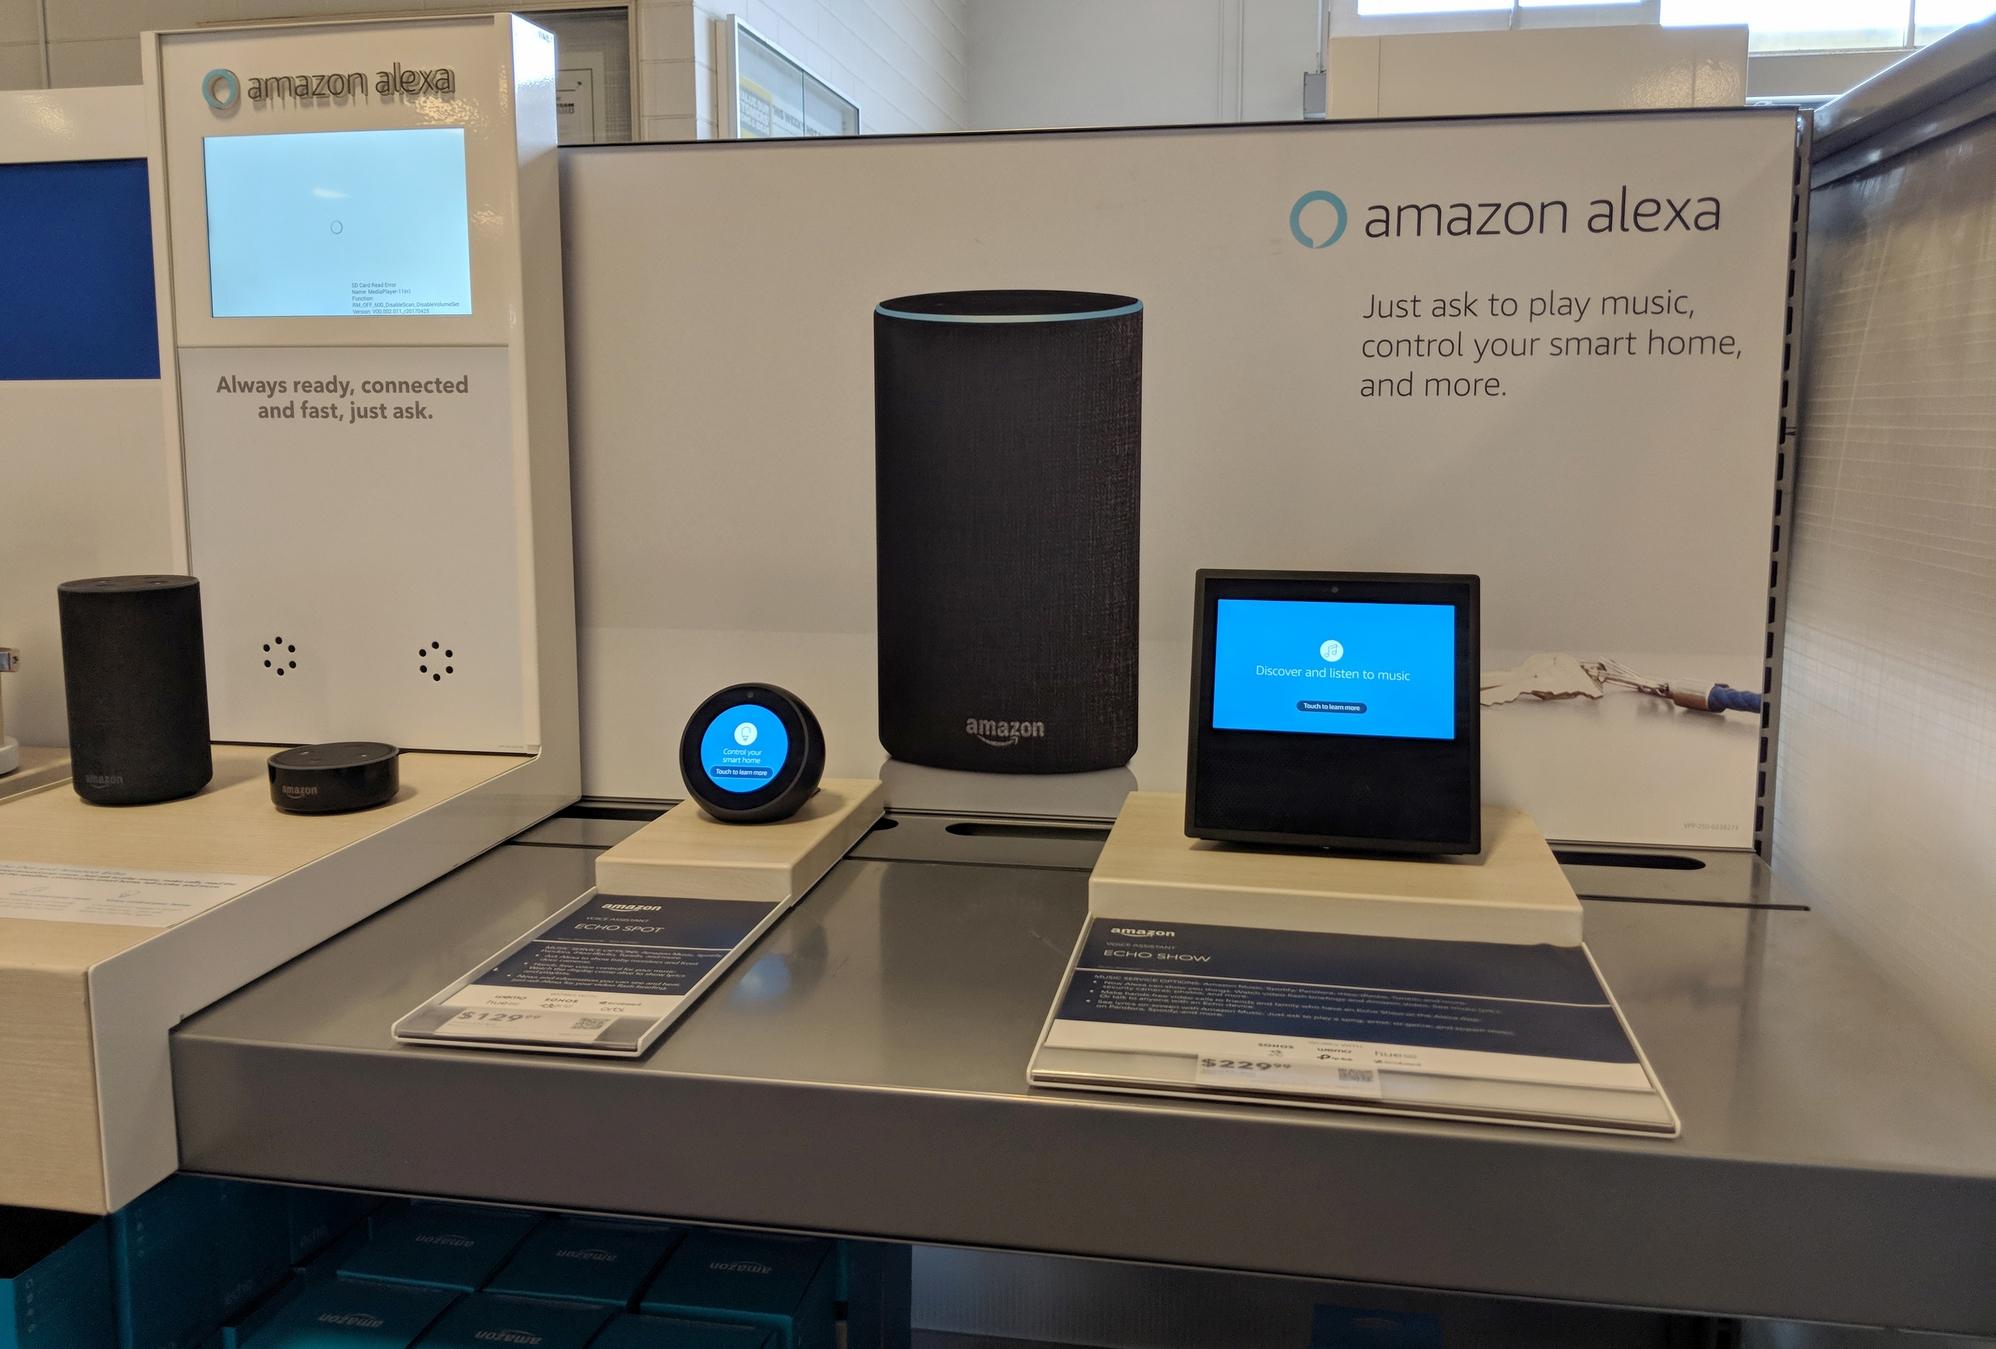 Vier Geräte, ein Prinzip: Wir reden mit ihnen